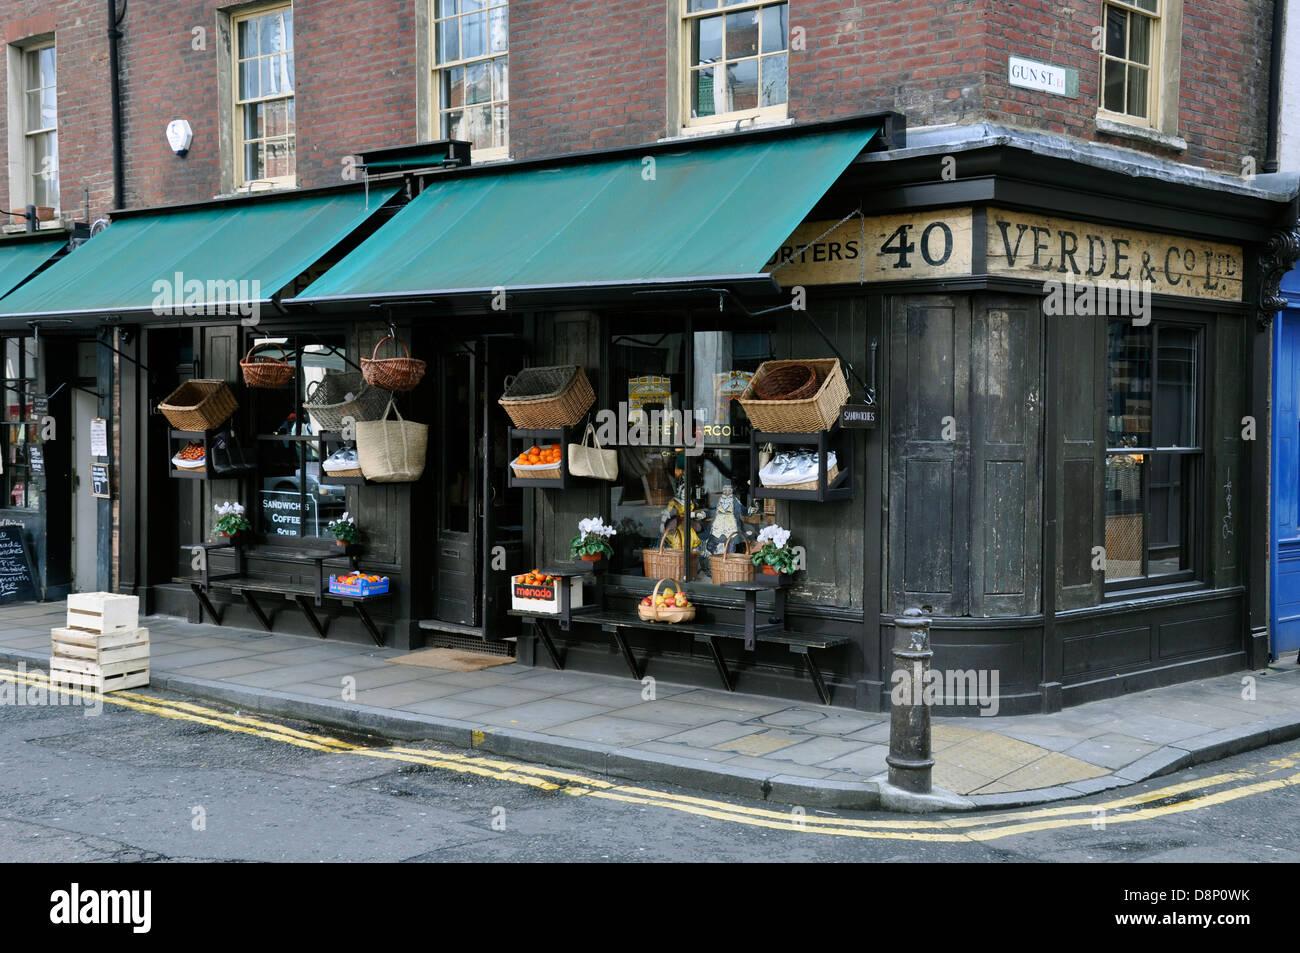 Old shop, Verde & Co. Ltd, delicatessen, opposite Spitalfields Market, East London, England, UK. - Stock Image